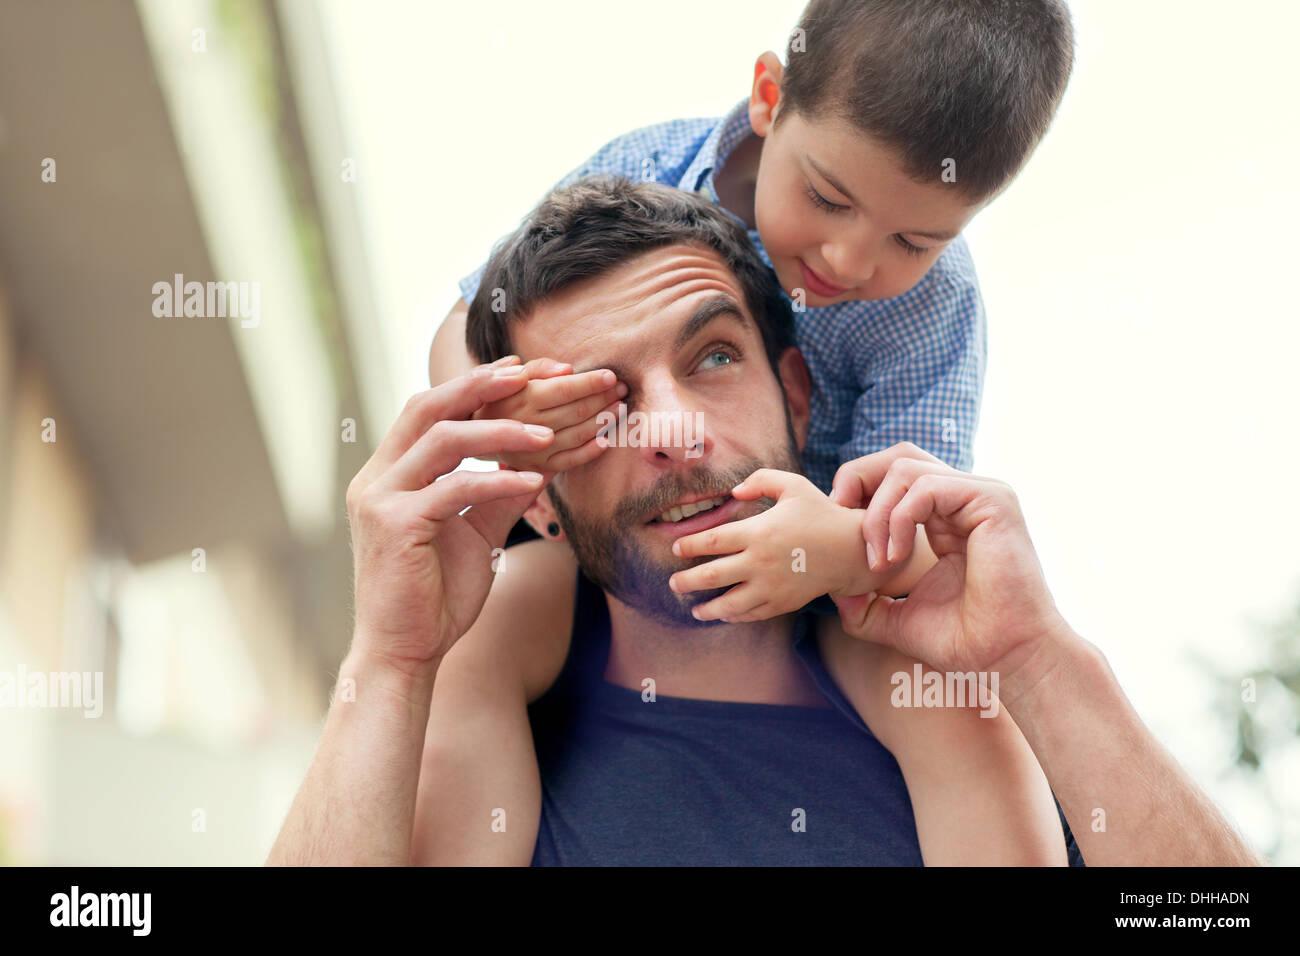 Vater mit Sohn auf Schultern, junge über Mannes Auge Stockbild